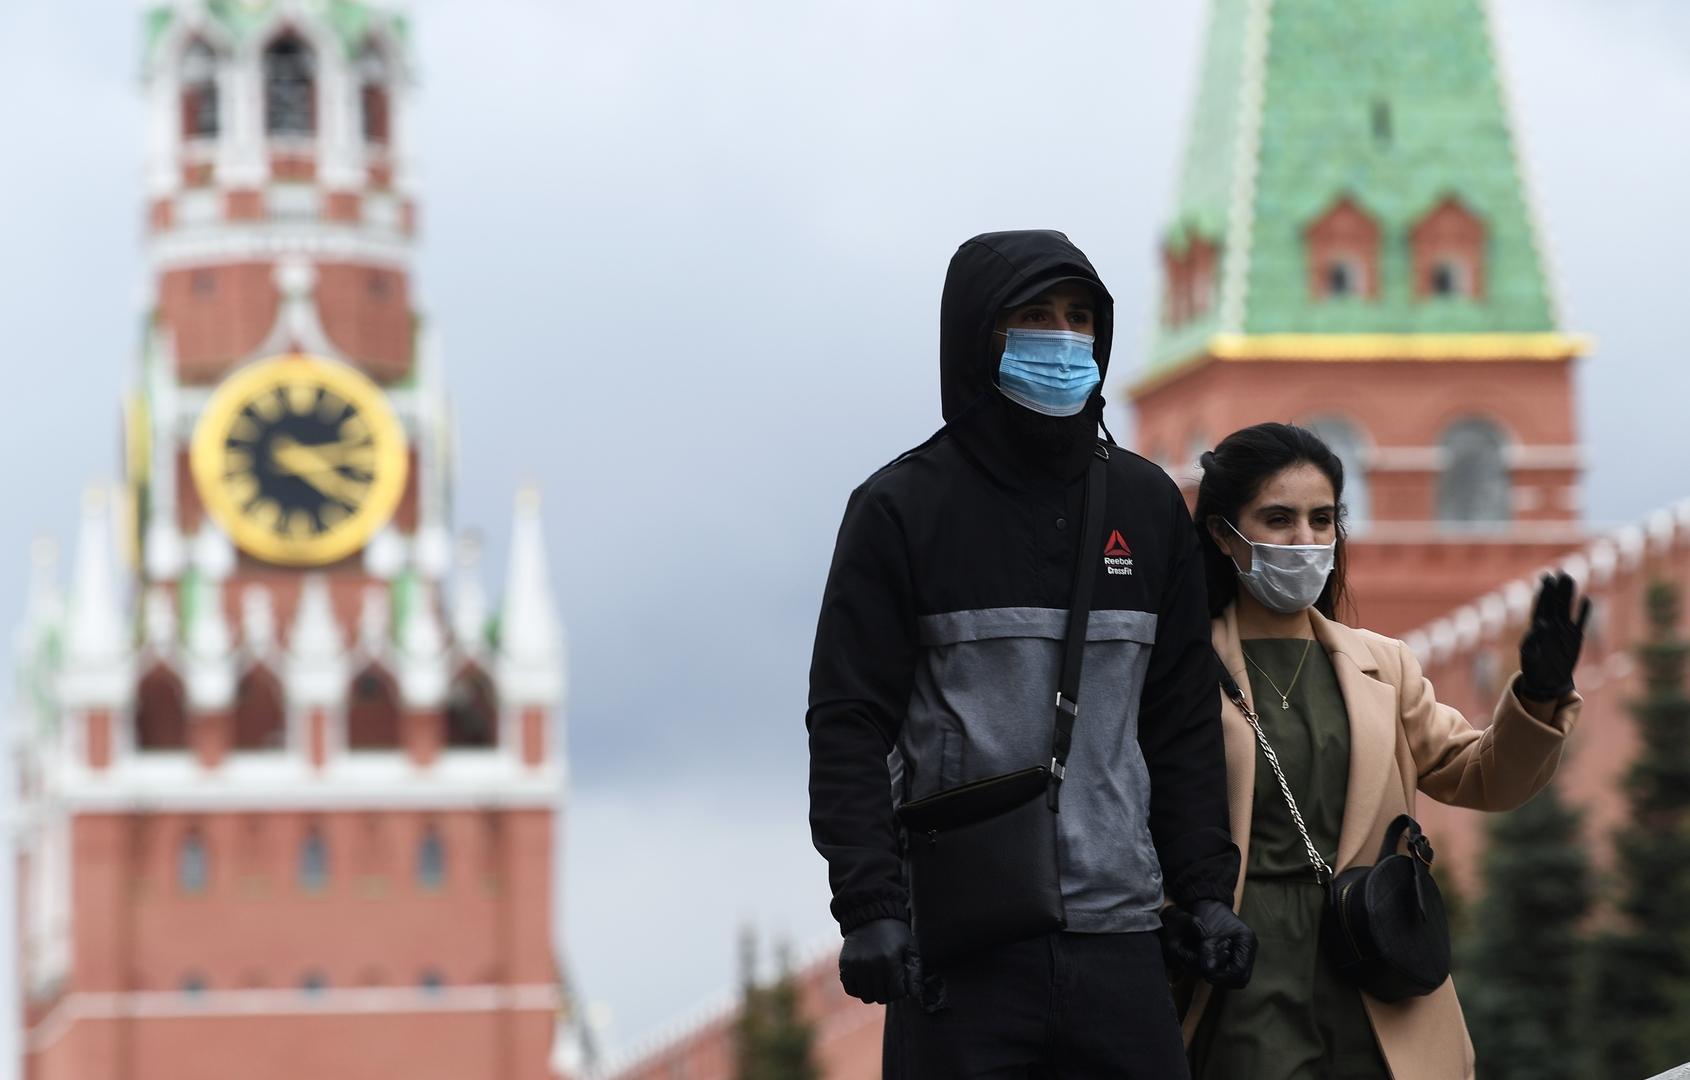 أكاديمي متخصص يحدد موعدا للانتصار على الجائحة في روسيا